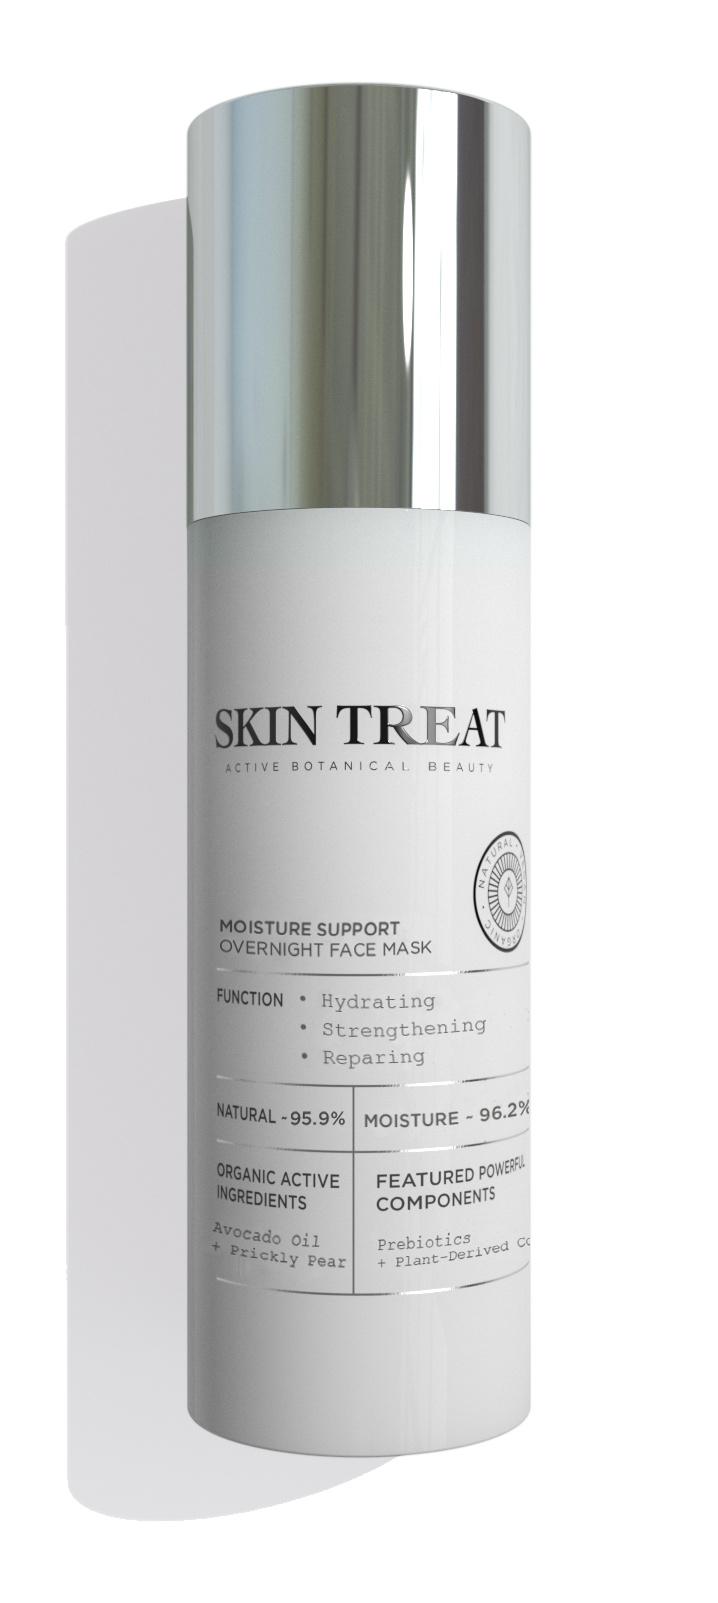 Skin Treat Moisture Support Overnight Face Mask